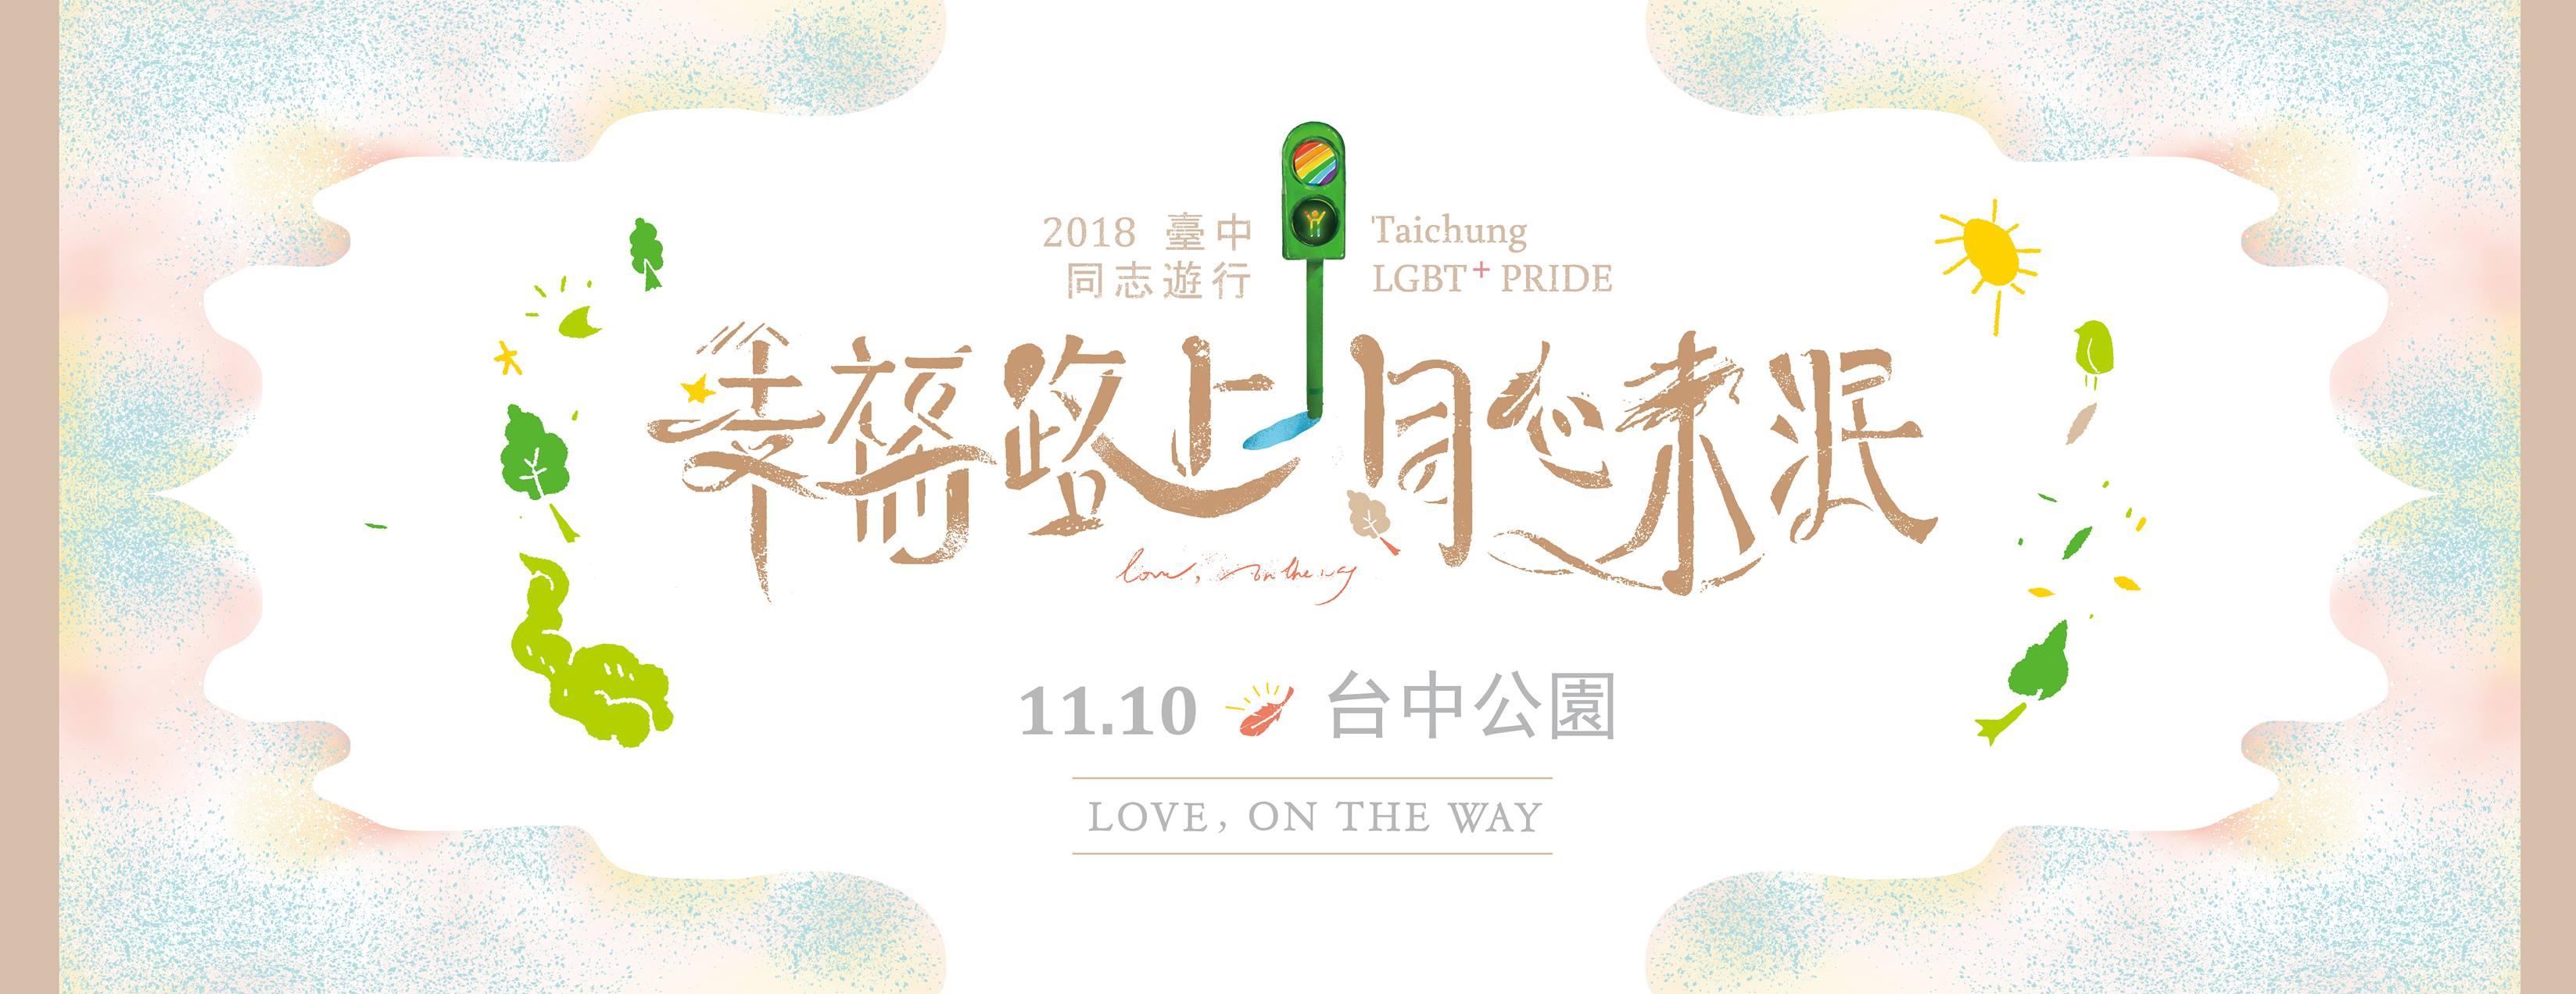 2018台中同志遊行11/10台中公園